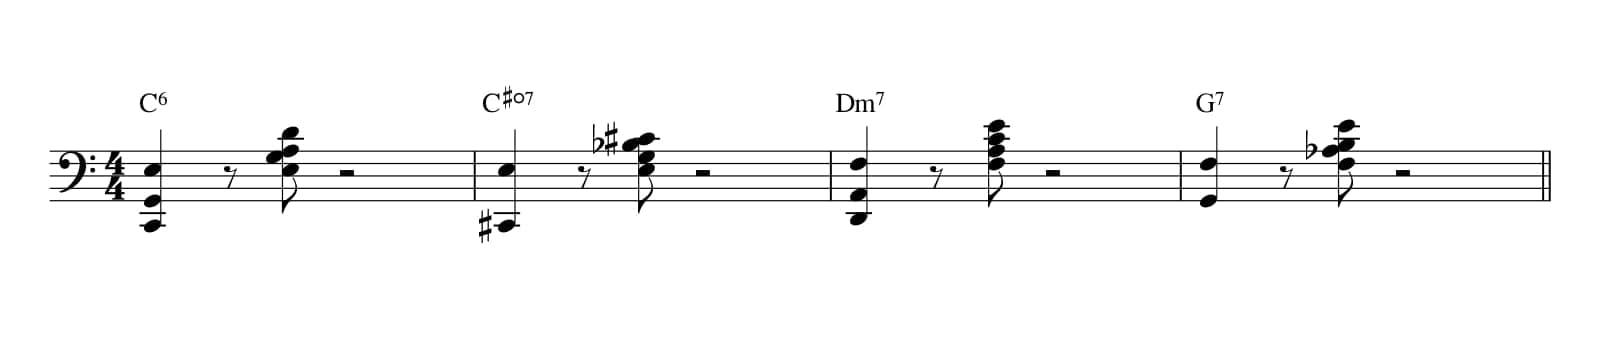 Solo Jazz Piano The Charleston